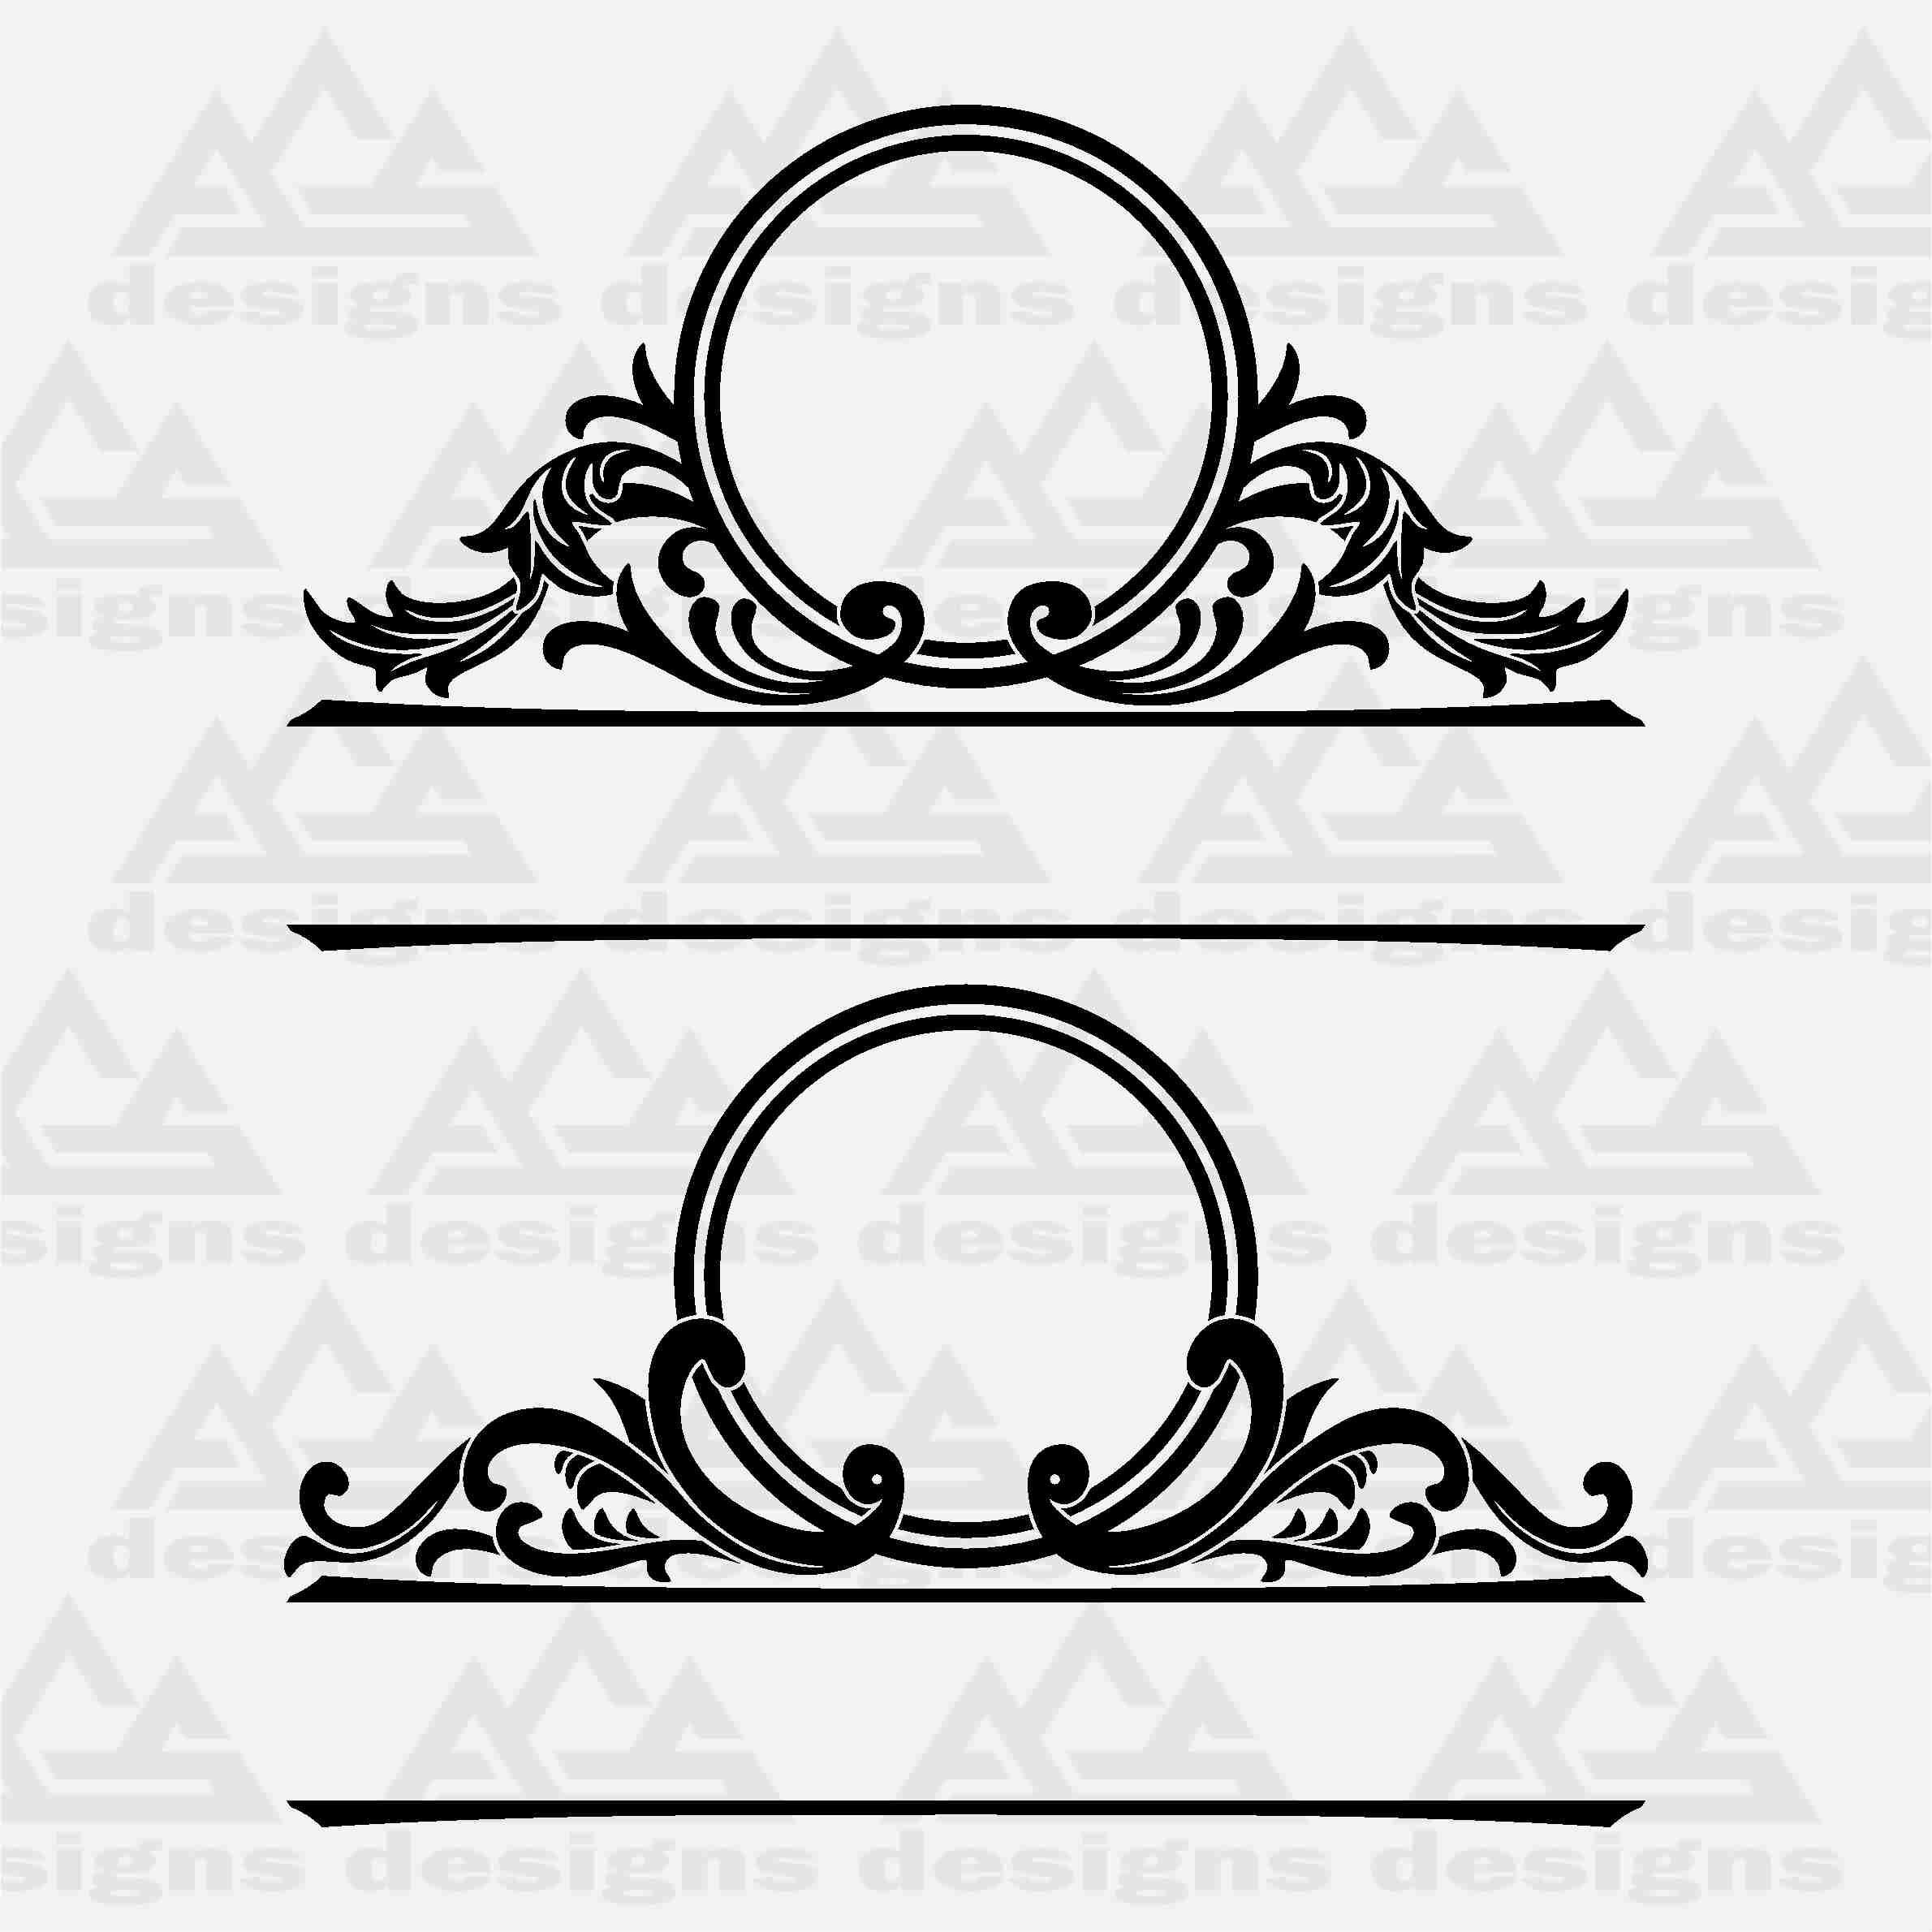 Mailbox Monogram Frame Svg Design By Agsdesign Thehungryjpeg Com